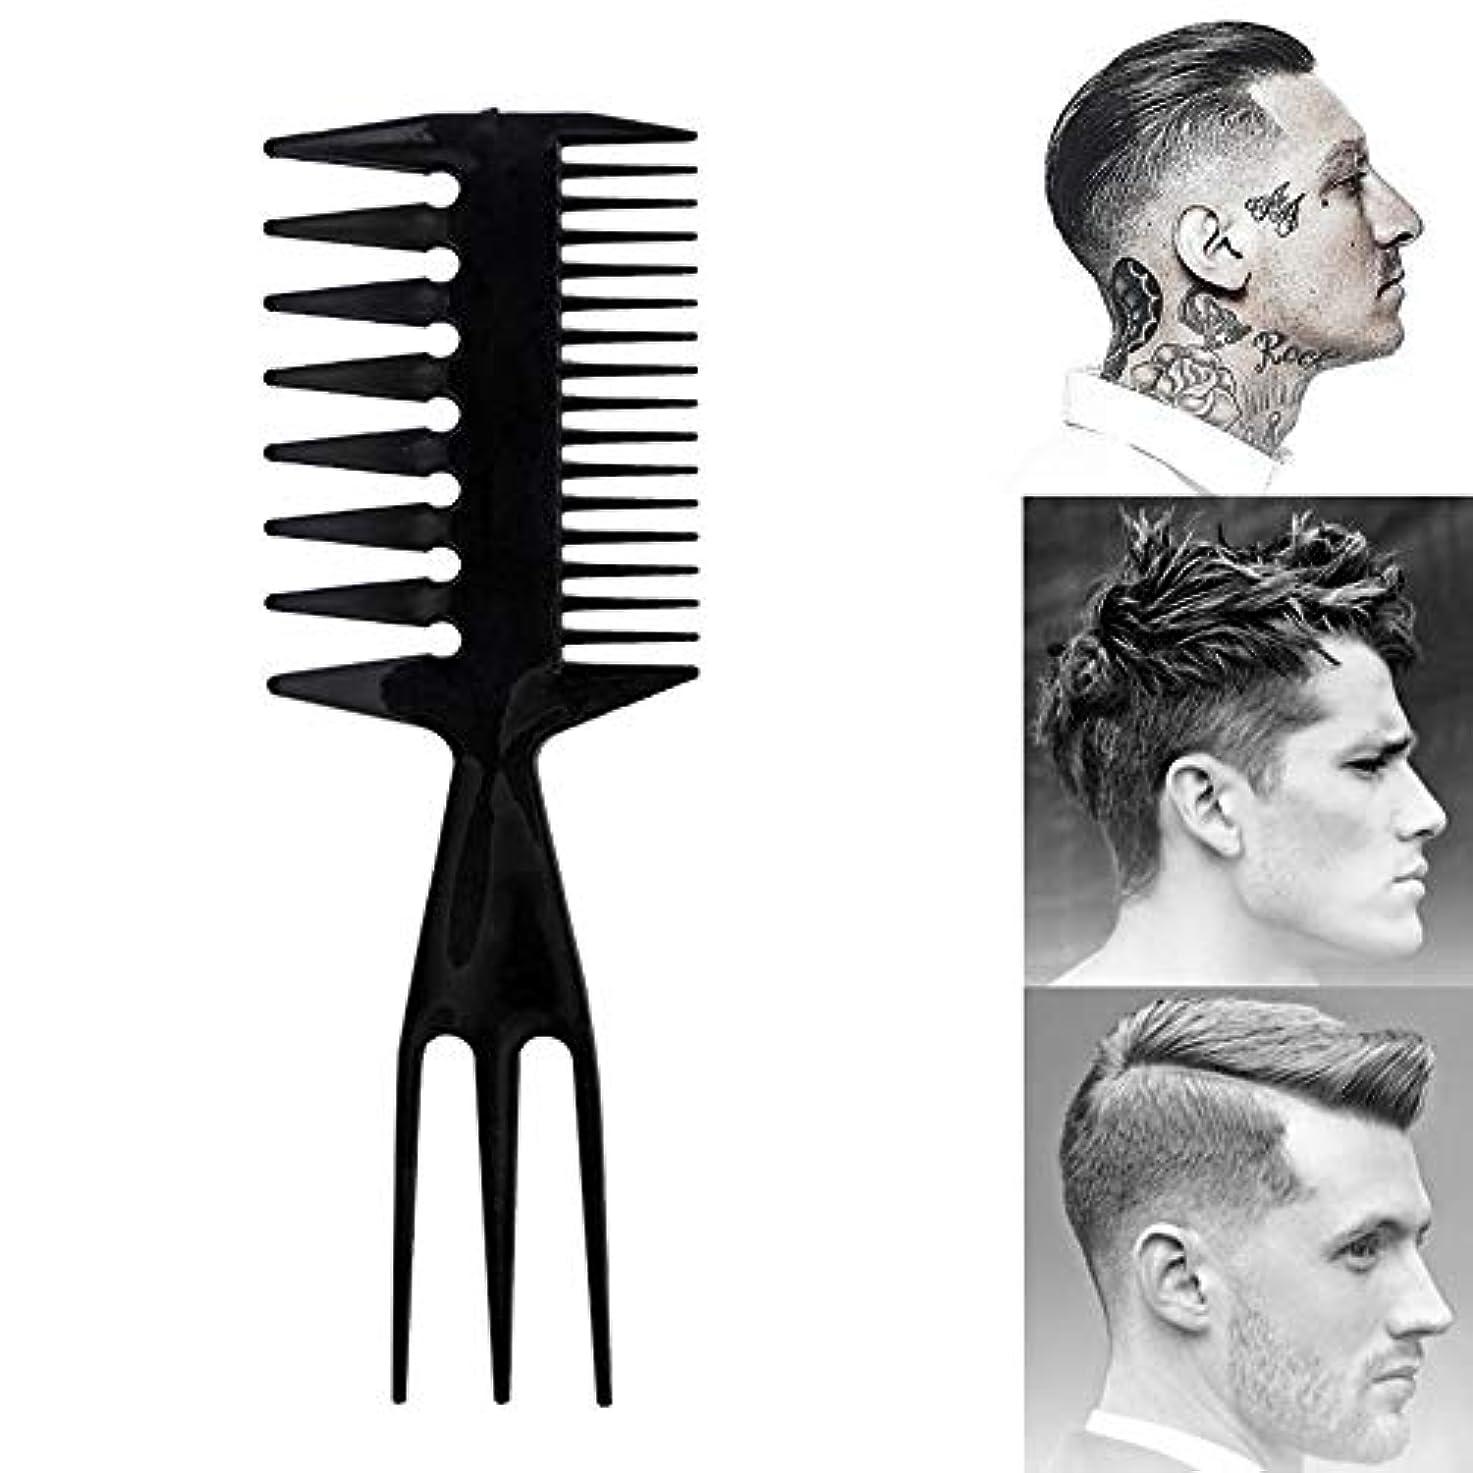 スペインスプリットうっかり髪を整える、グルーミングおよびスタイリングのための1つのヘアスタイリングツールに付き3つの側面の髪の櫛メンズTextuizing櫛サロン理髪師の櫛3